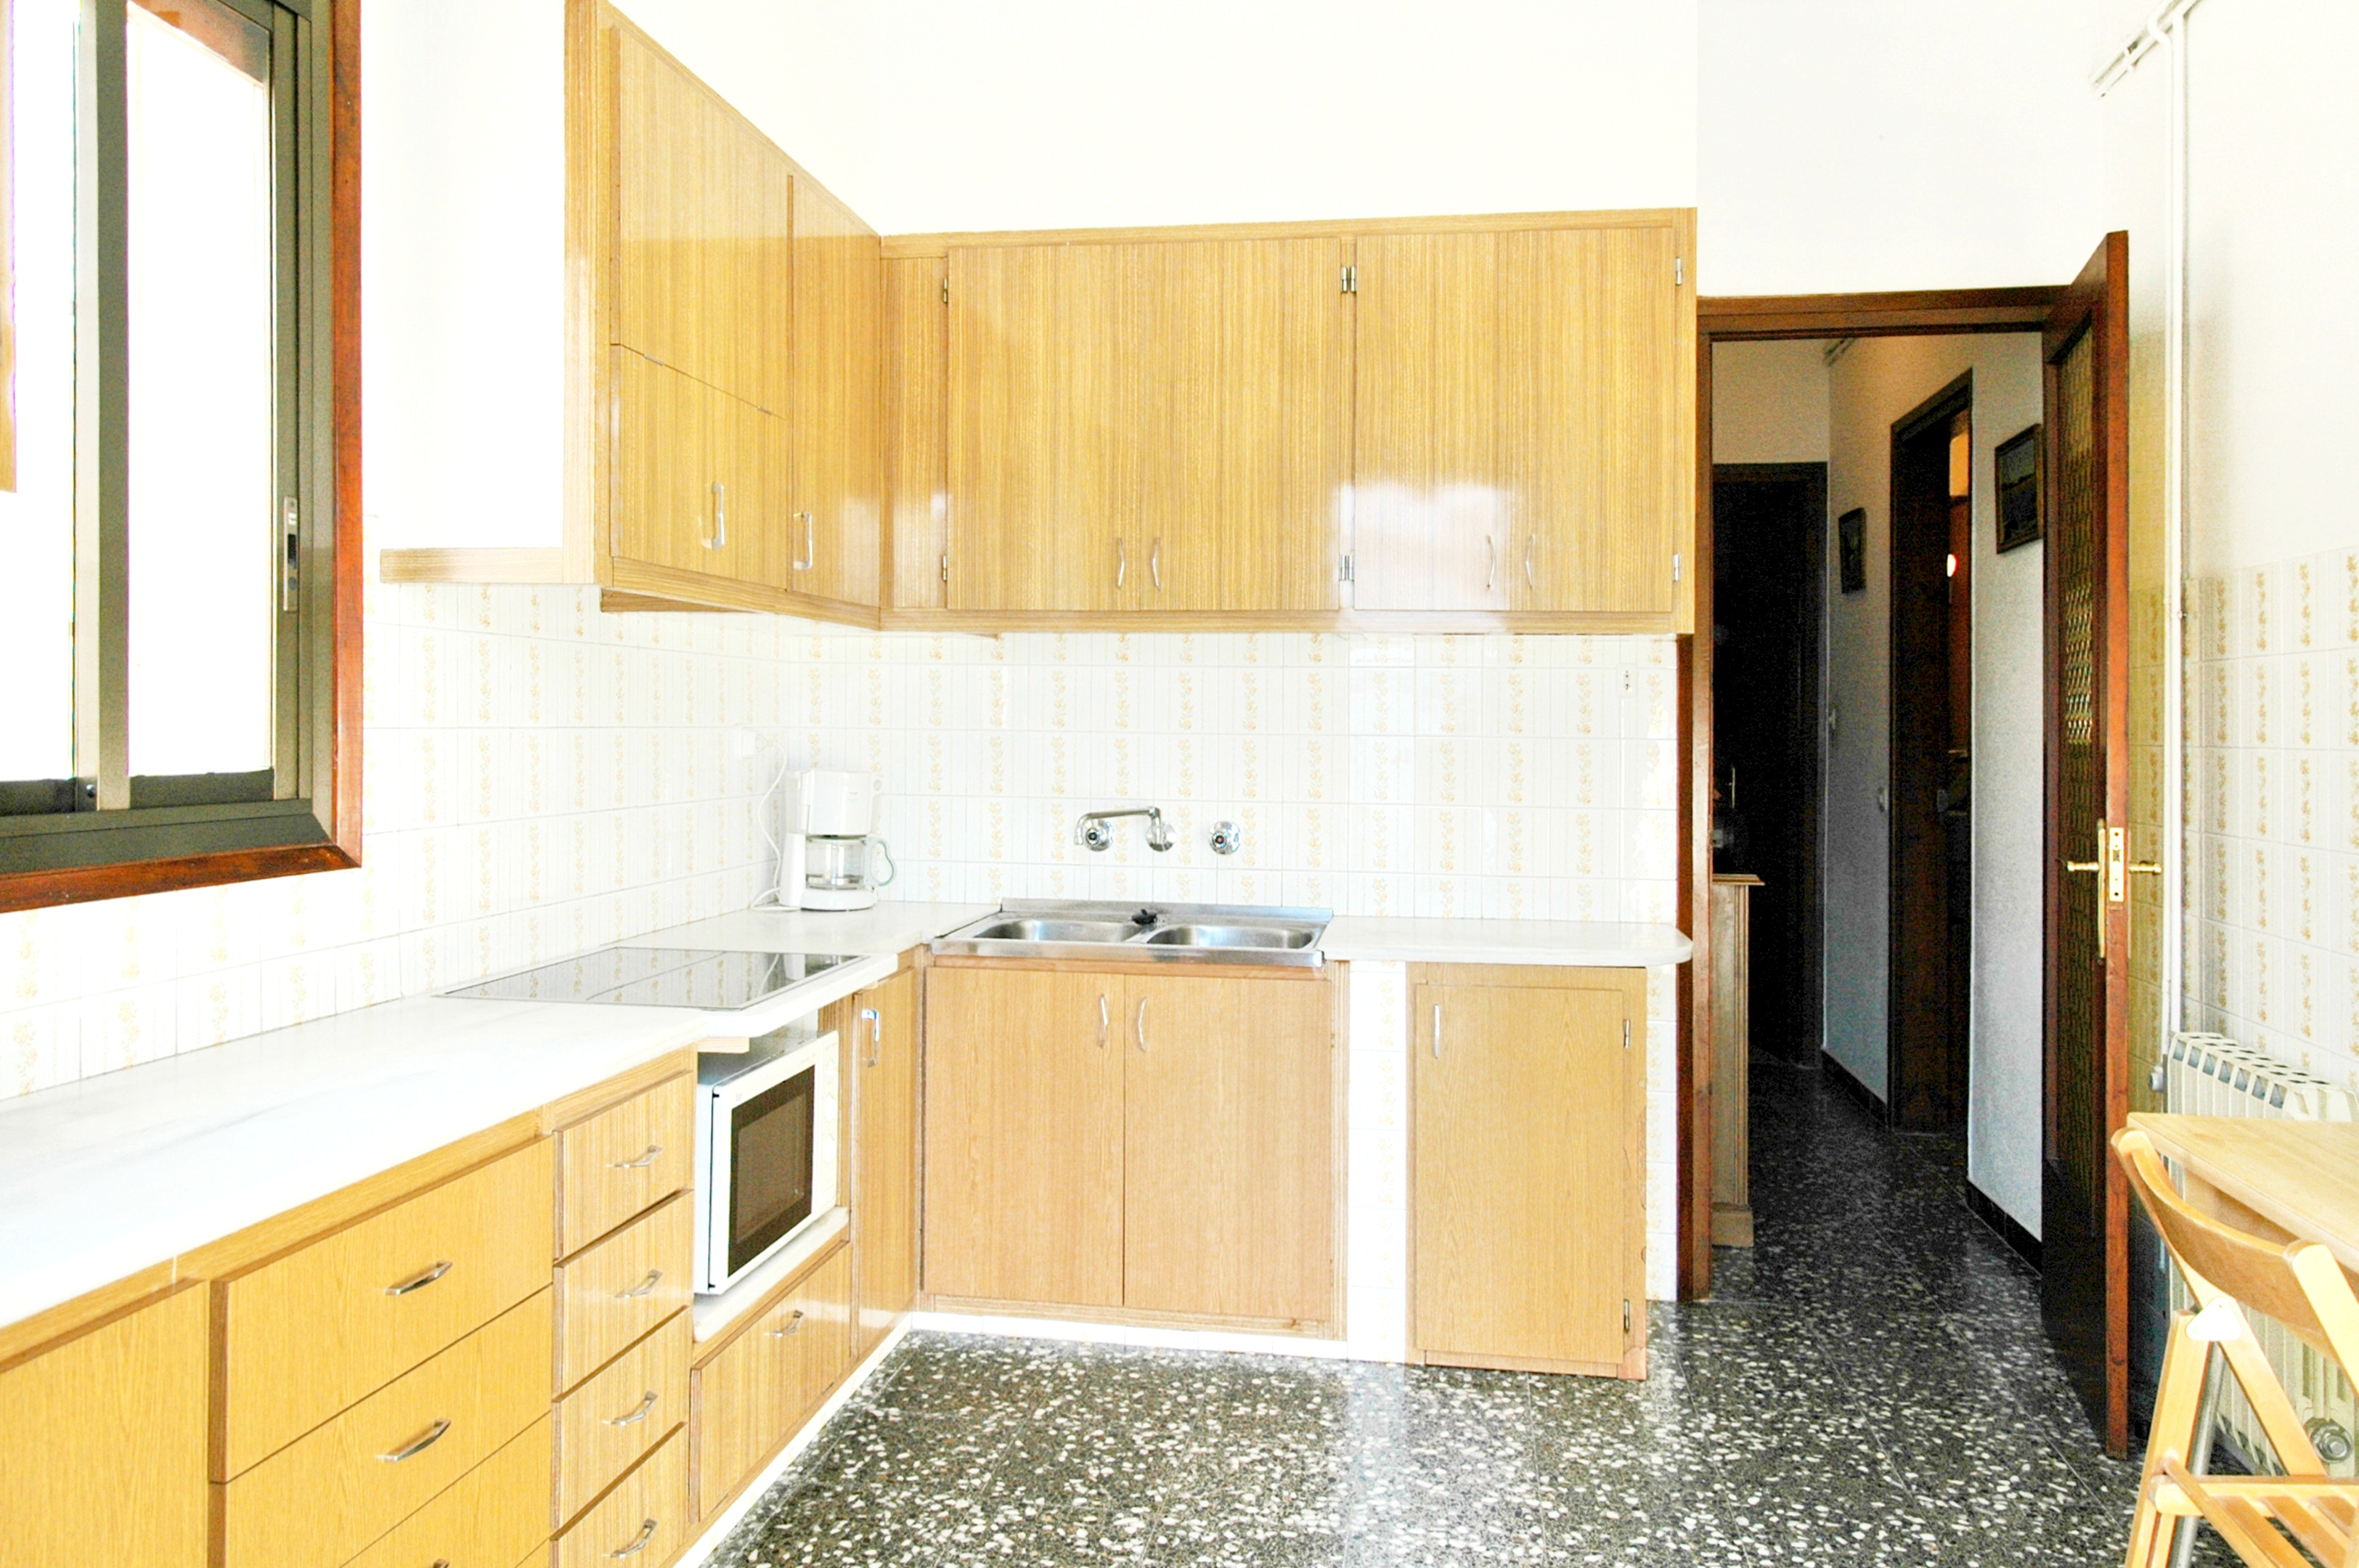 Ferienhaus Villa mit 6 Schlafzimmern in Canyelles mit toller Aussicht auf die Berge, privatem Pool, e (2339365), Canyelles, Costa del Garraf, Katalonien, Spanien, Bild 13